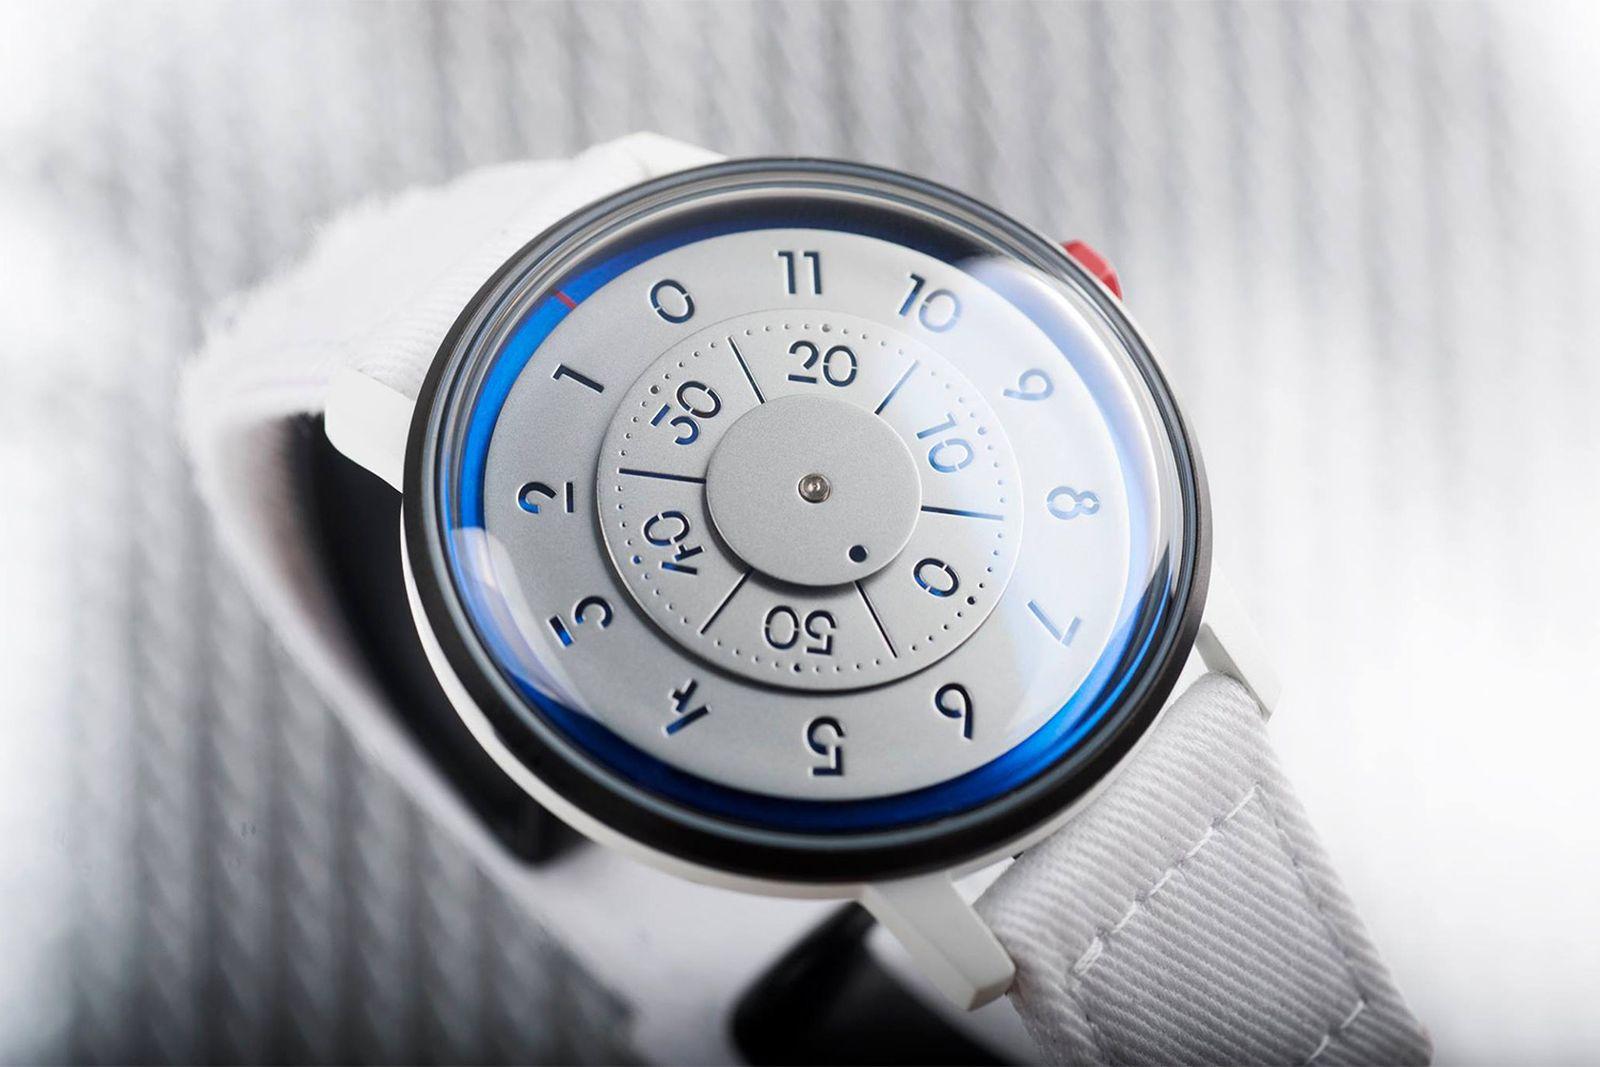 anicorn nasa 60th anniversary watch